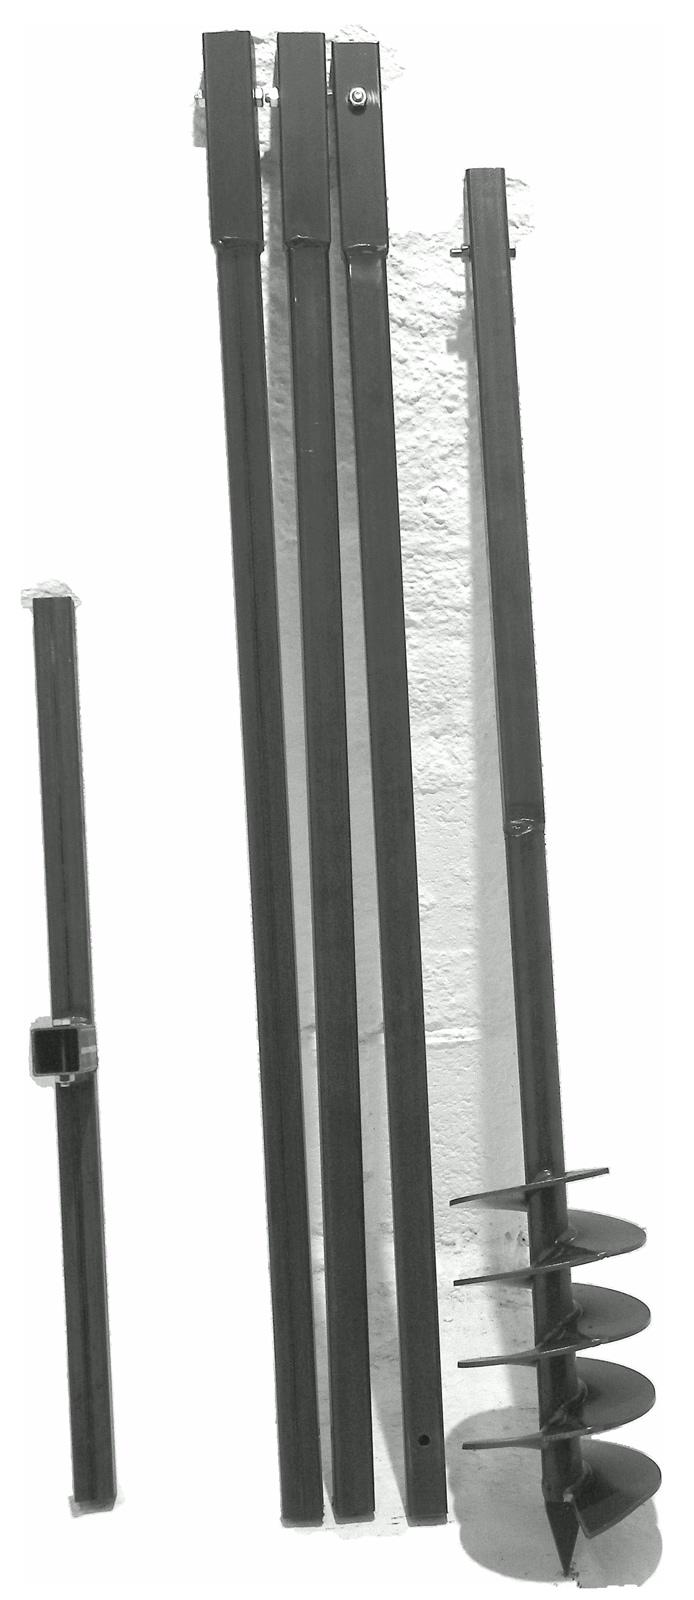 WERHE Profi Bohrer f/ür Erdbohrer 100 mm Pfahlbohrer Brunnenbohrer pr/äzise Bohrspitze Doppelspiral Hartmetall eco Farbe